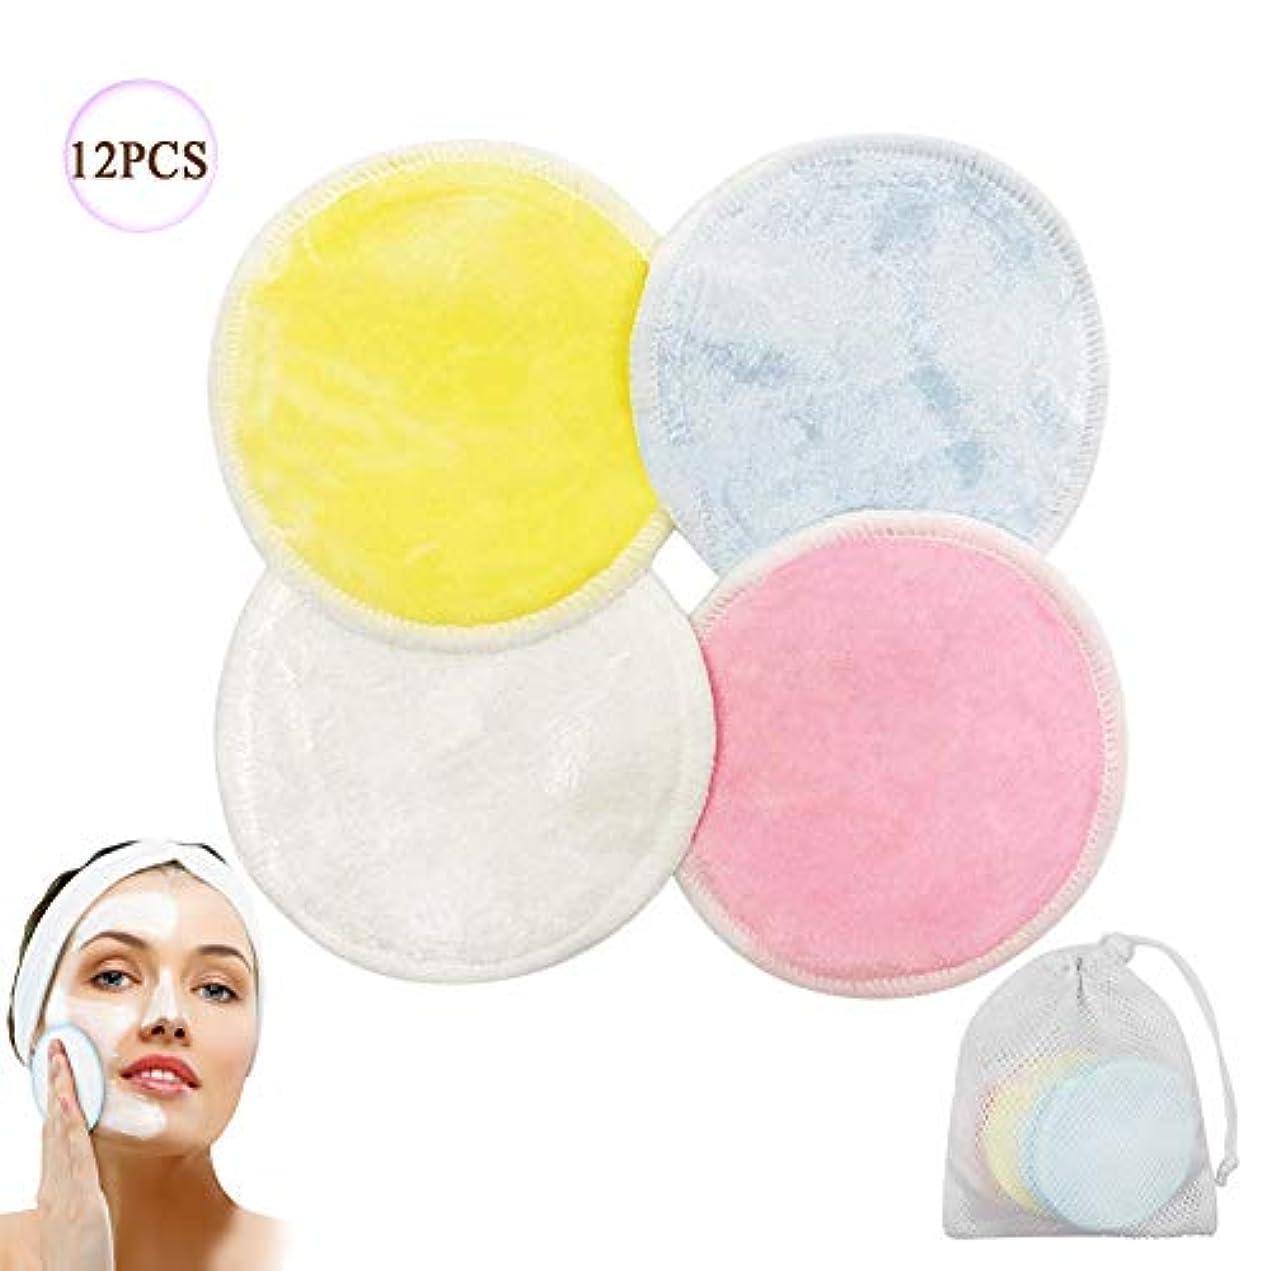 曲げる硬化する親指メイク落としパッド、再利用可能な竹綿パッド、洗えるワイプ、女性の顔/目/唇のための柔らかくて快適なランドリーバッグ,12PCS